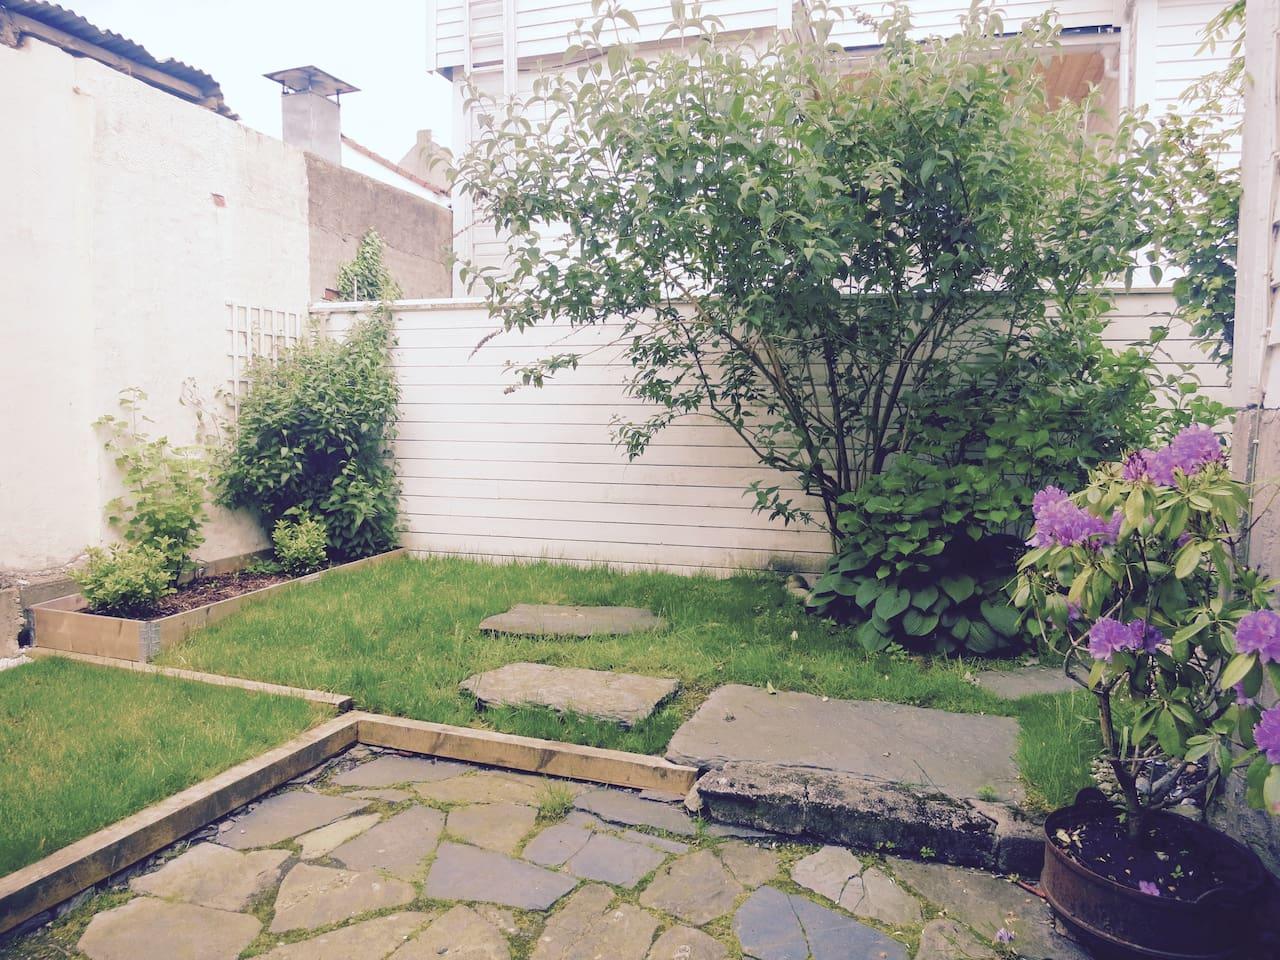 Garden outside the entrance